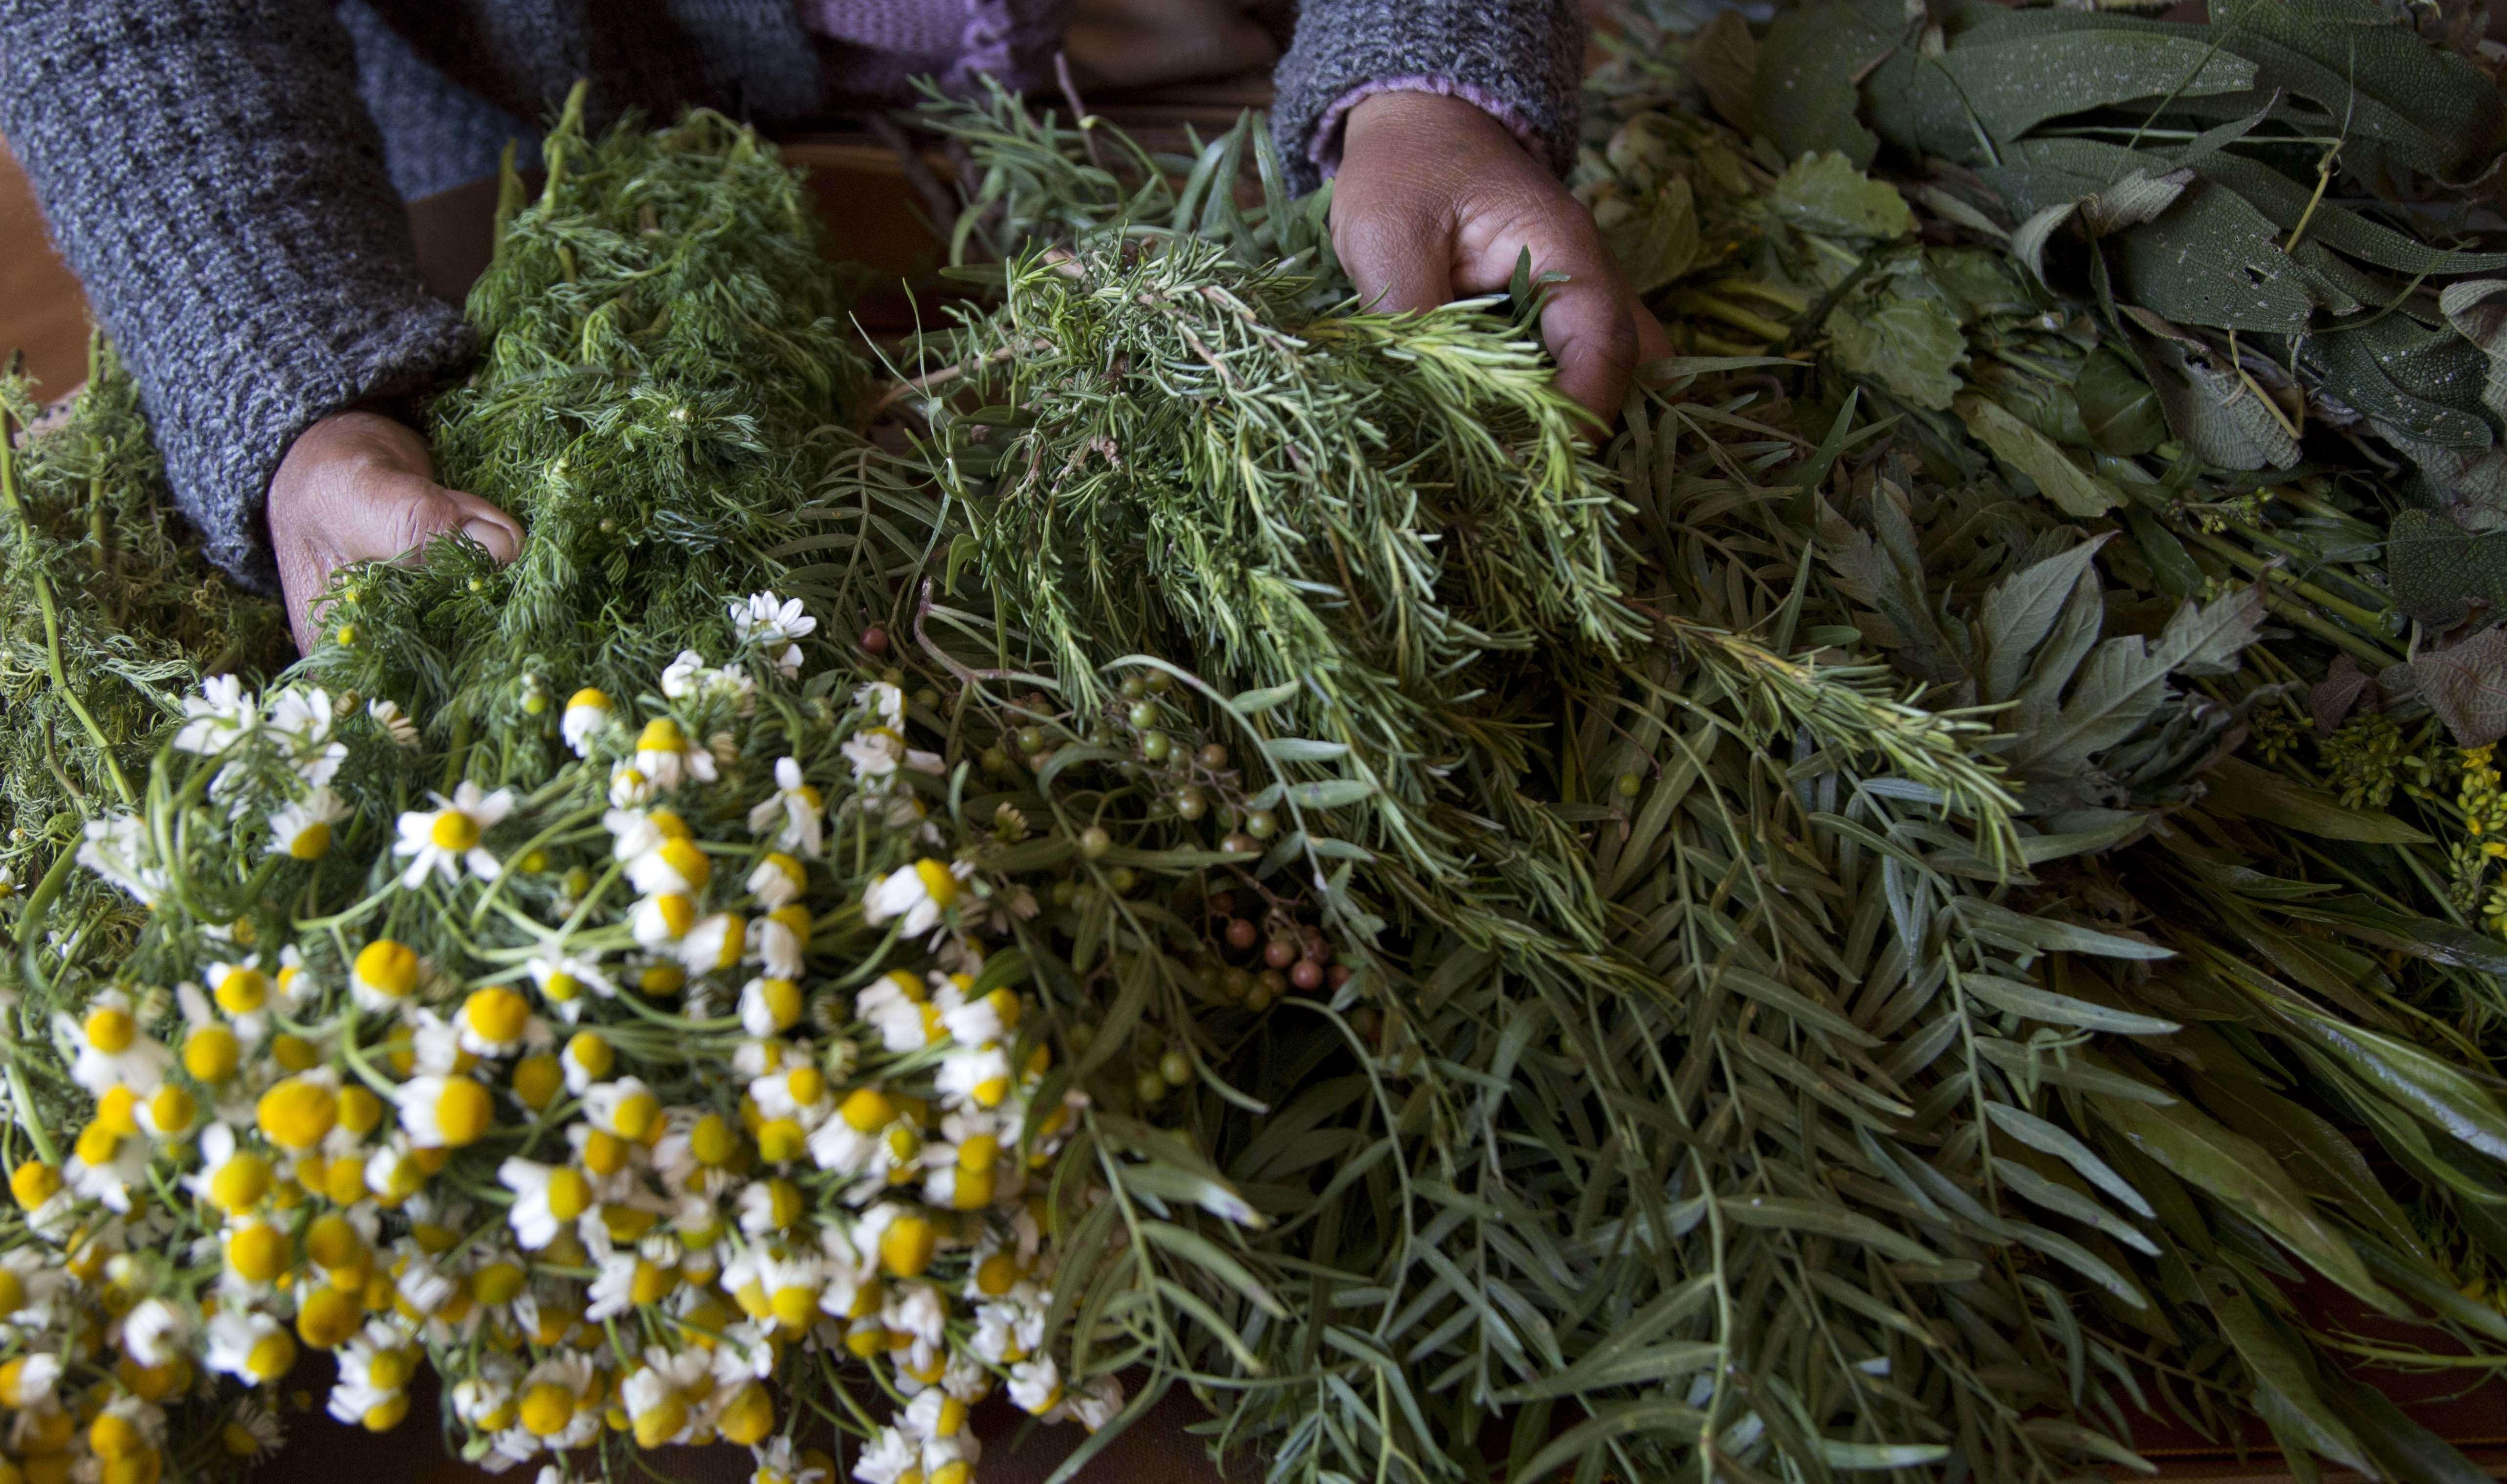 Une sage-femme sélectionne des herbes médicinales, dont l'artemisia, pour soigner une femme enceinte, en Bolivie, en juillet 2017.